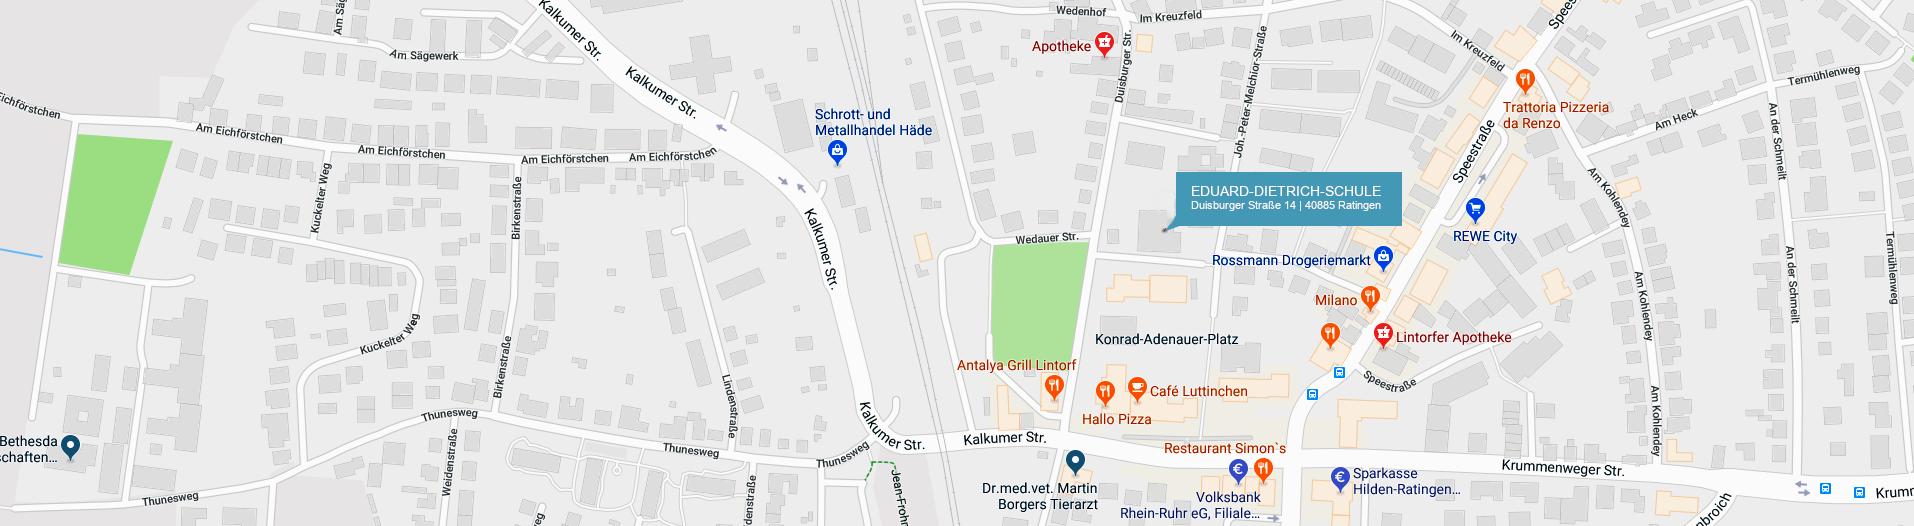 Eduard-Dietrich-Schule, Duisburger Straße 14, 40885 Ratingen